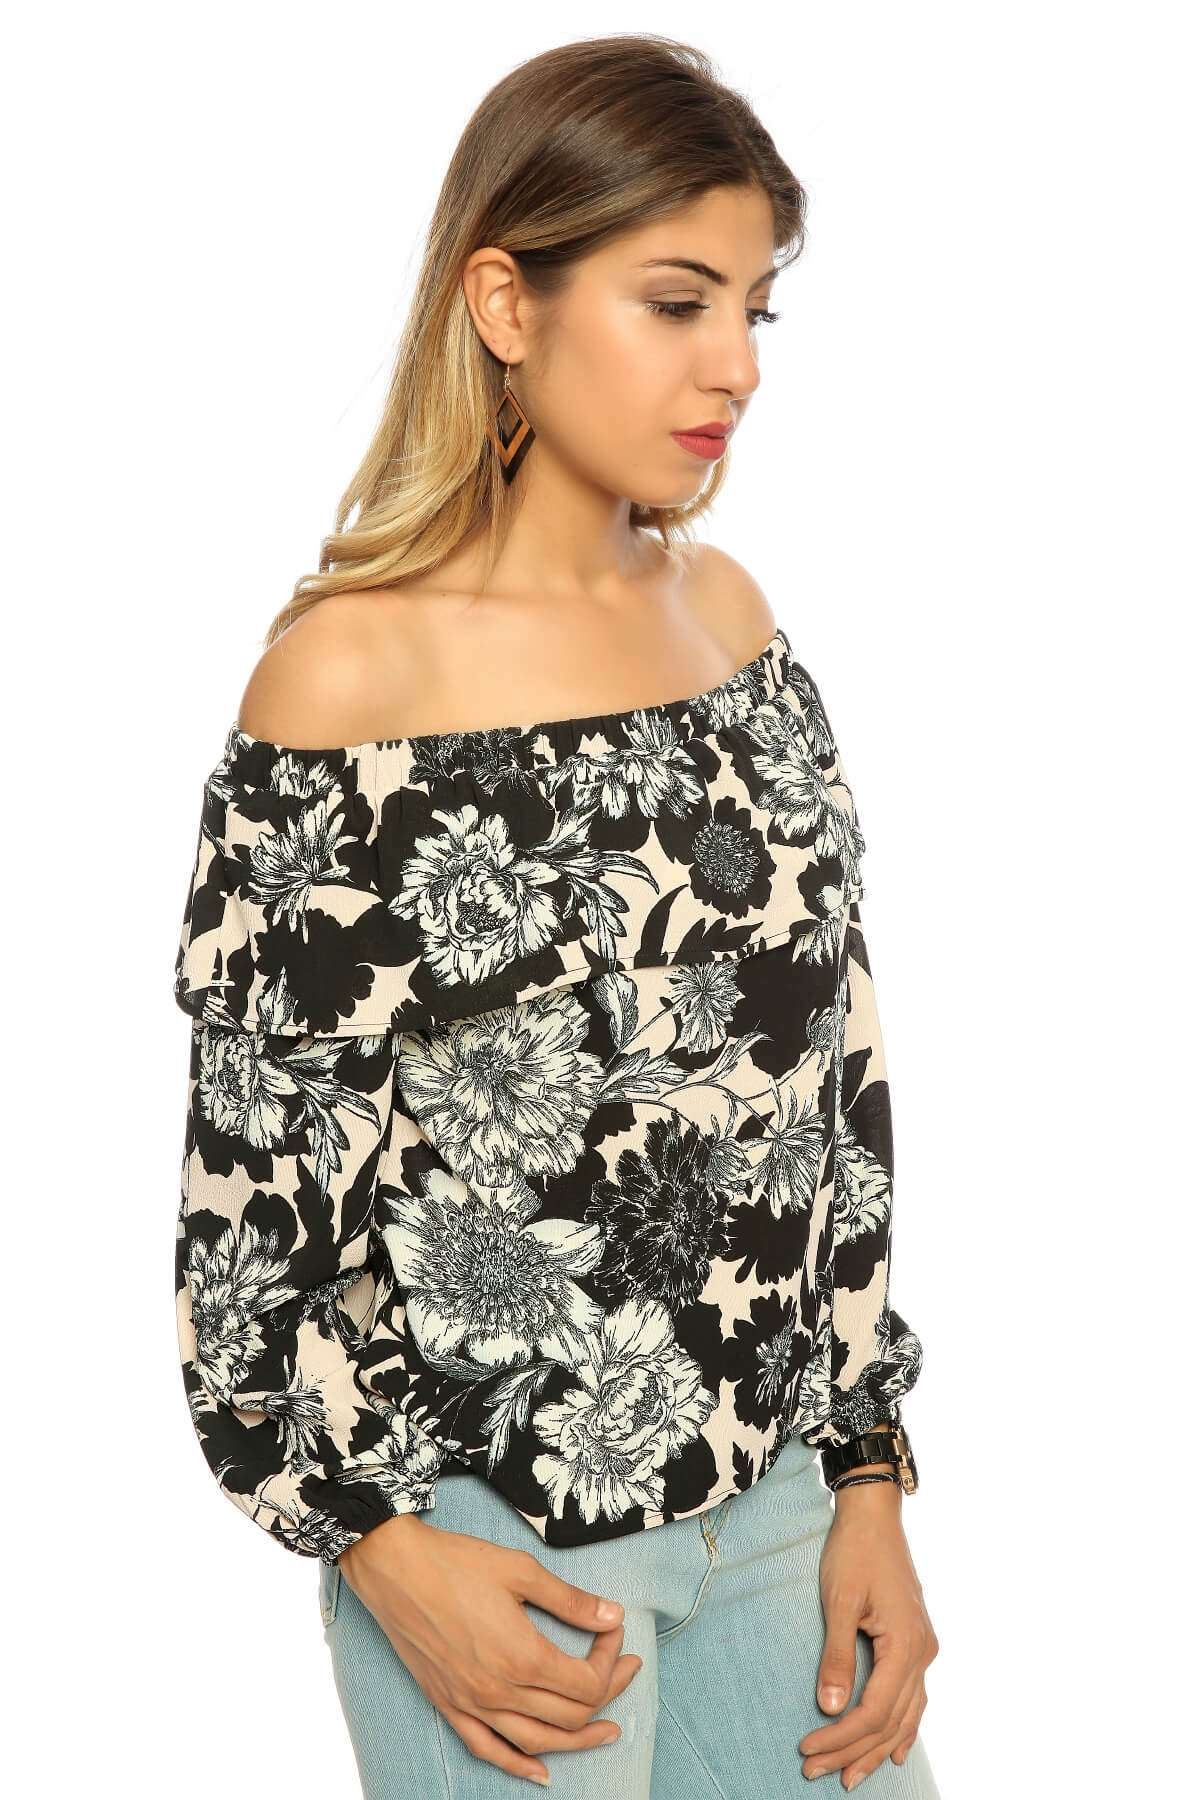 Ön Kısa Çiçekli Straplez Bluz Siyah